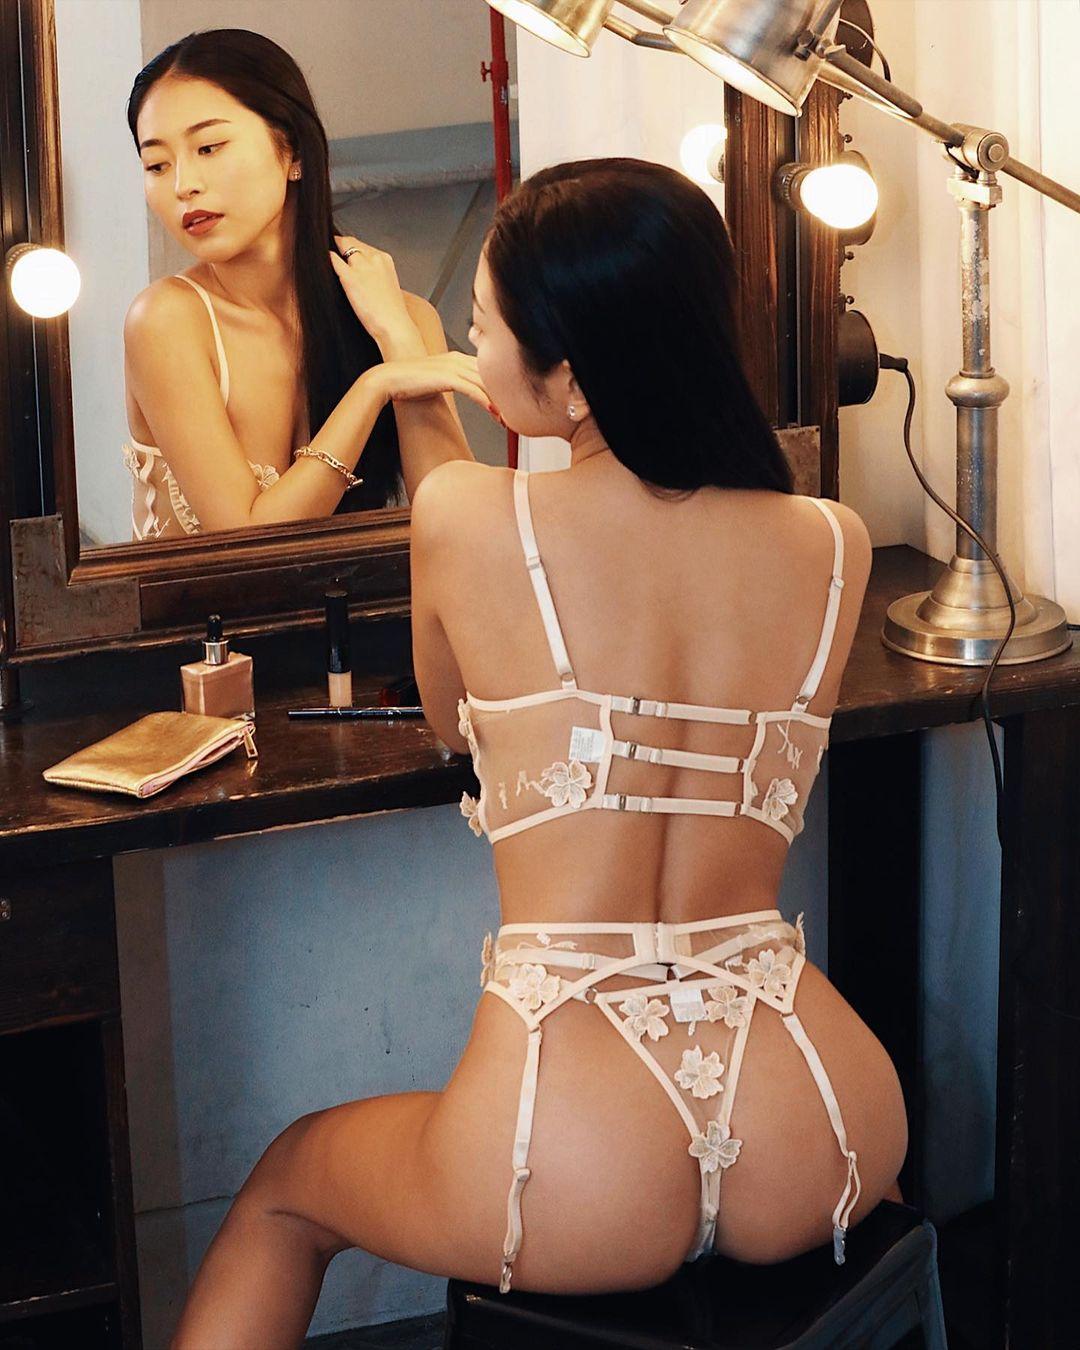 「格好良い」「ちょー色ぽい」鏡前のセクシーランジェリーショットで美背中&美尻を披露【十枝梨菜さん/2021年9月9日】